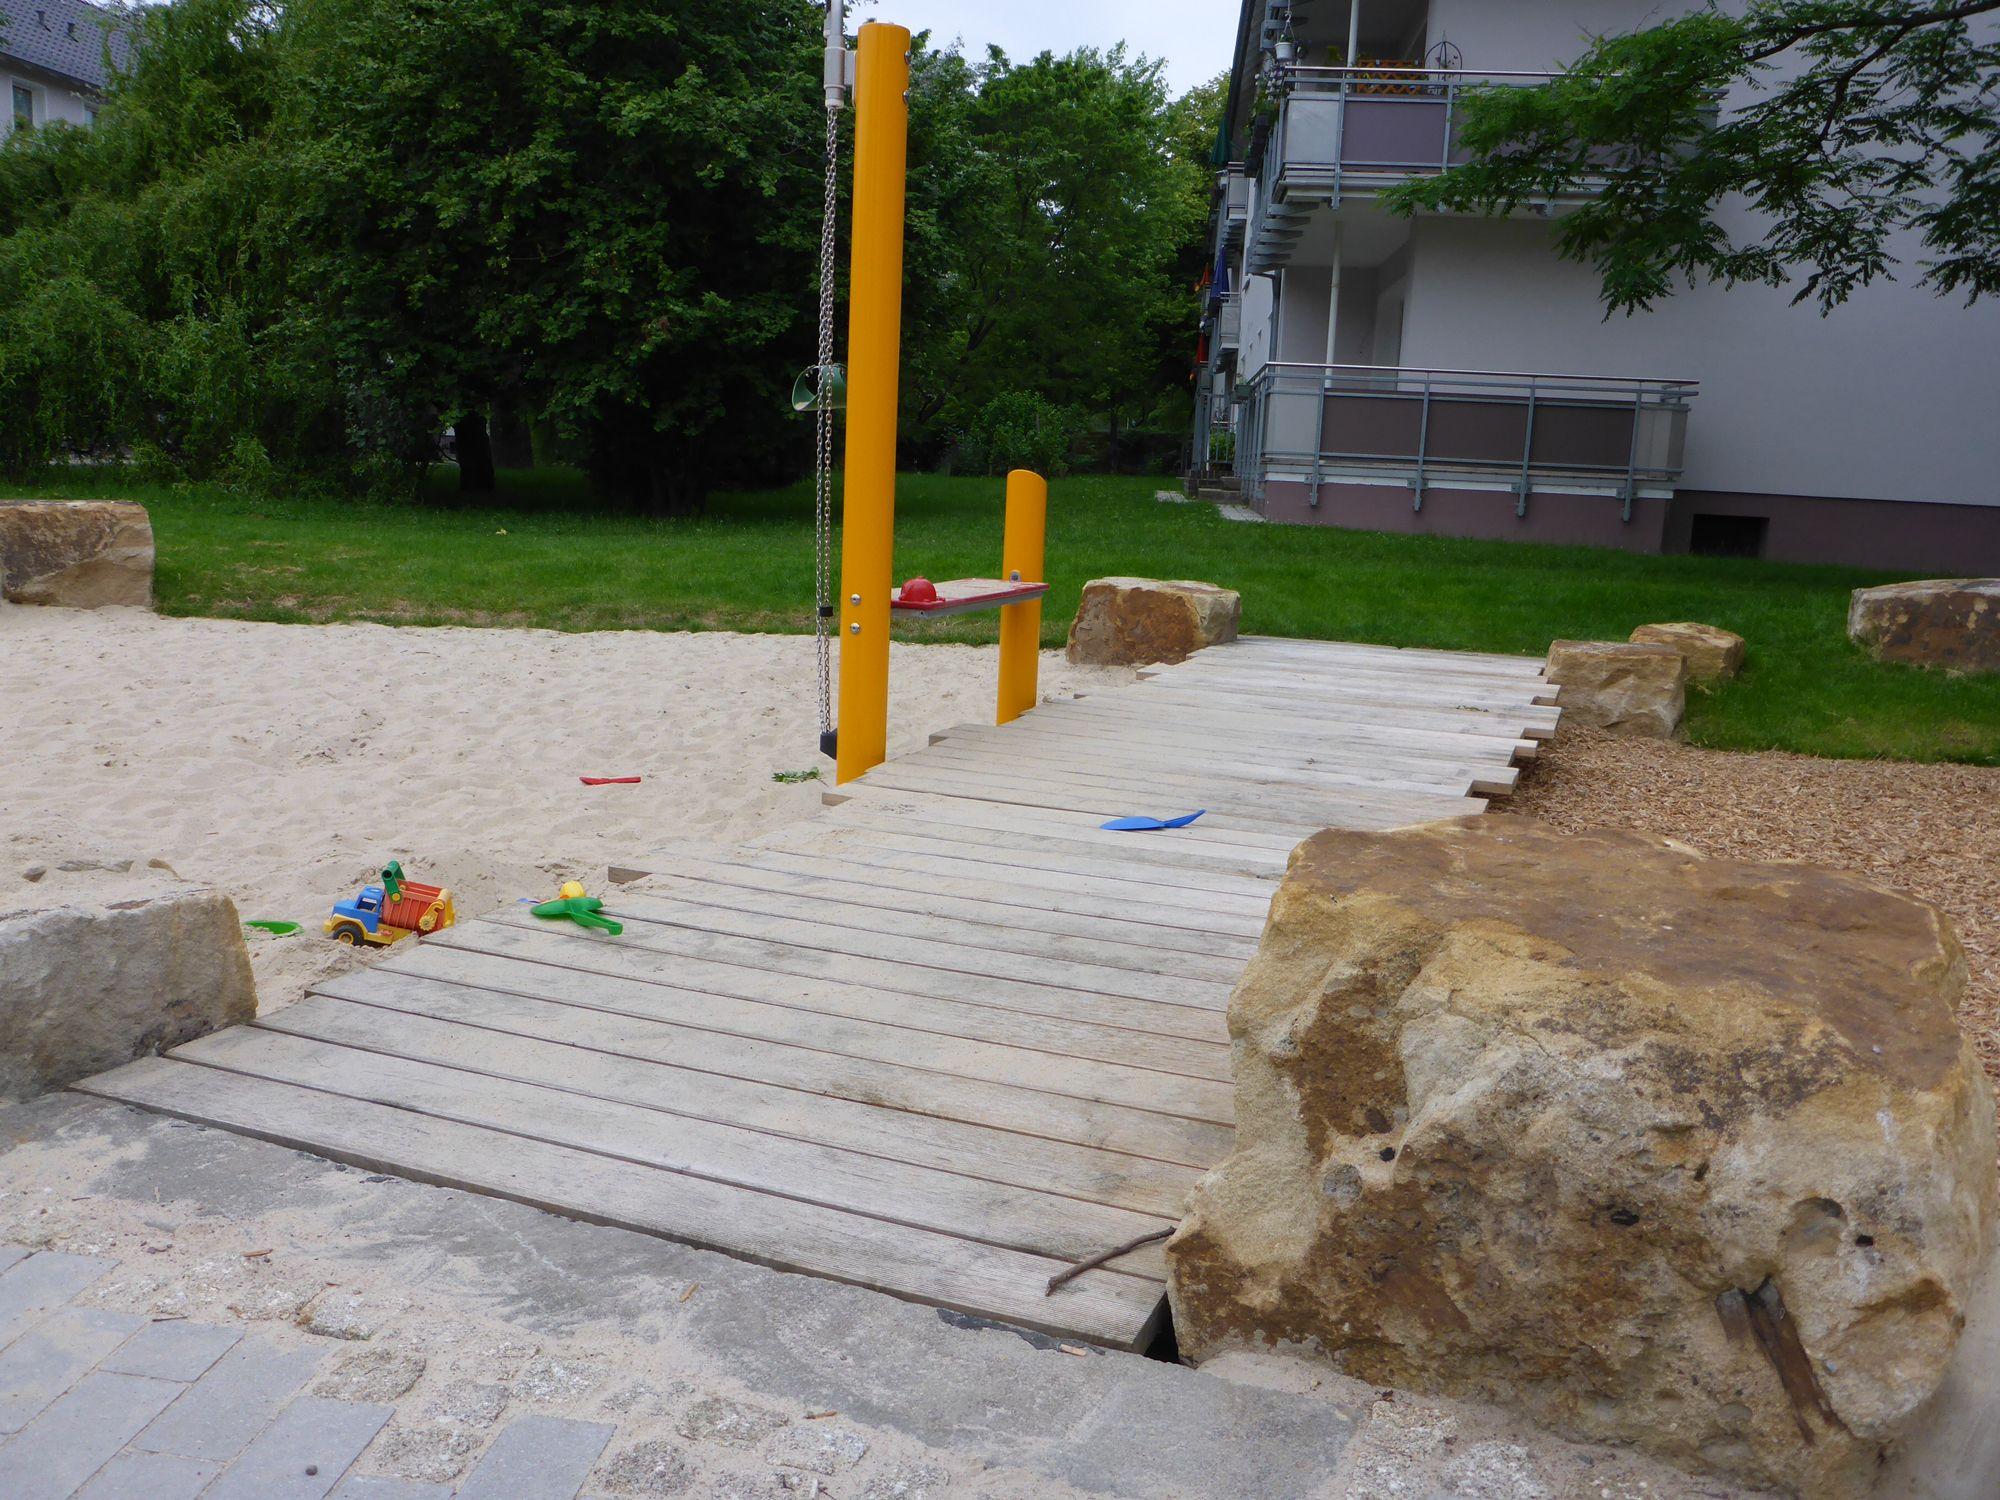 LHH Spielplatz Dickensstr Sandspiel 2014